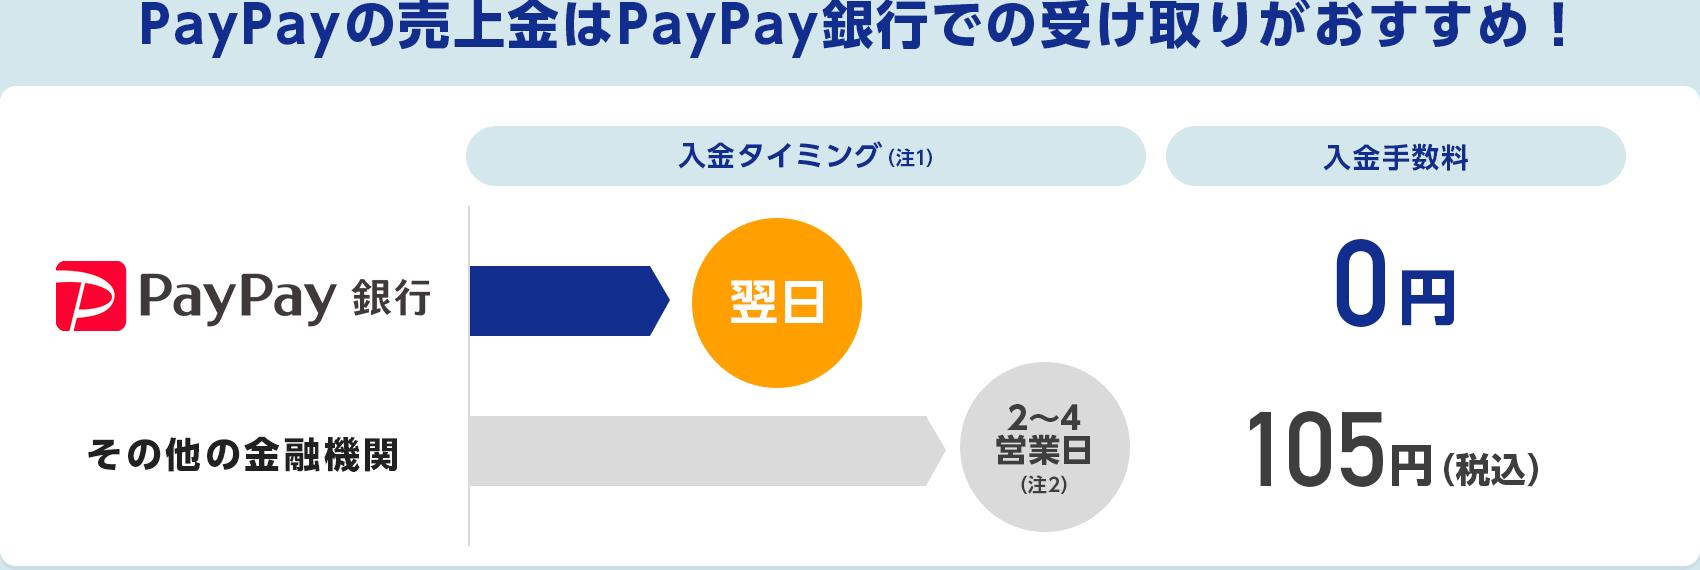 PayPay売上金はジャパンネット銀行での受け取りがおすすめ! 入金タイミング※ ジャパンネット銀行 翌日 その他の金融機関 2から4営業日 入金手数料 ジャパンネット銀行 ずーっと0円 その他の金融機関 0円(2020年7月1日以降は有料)